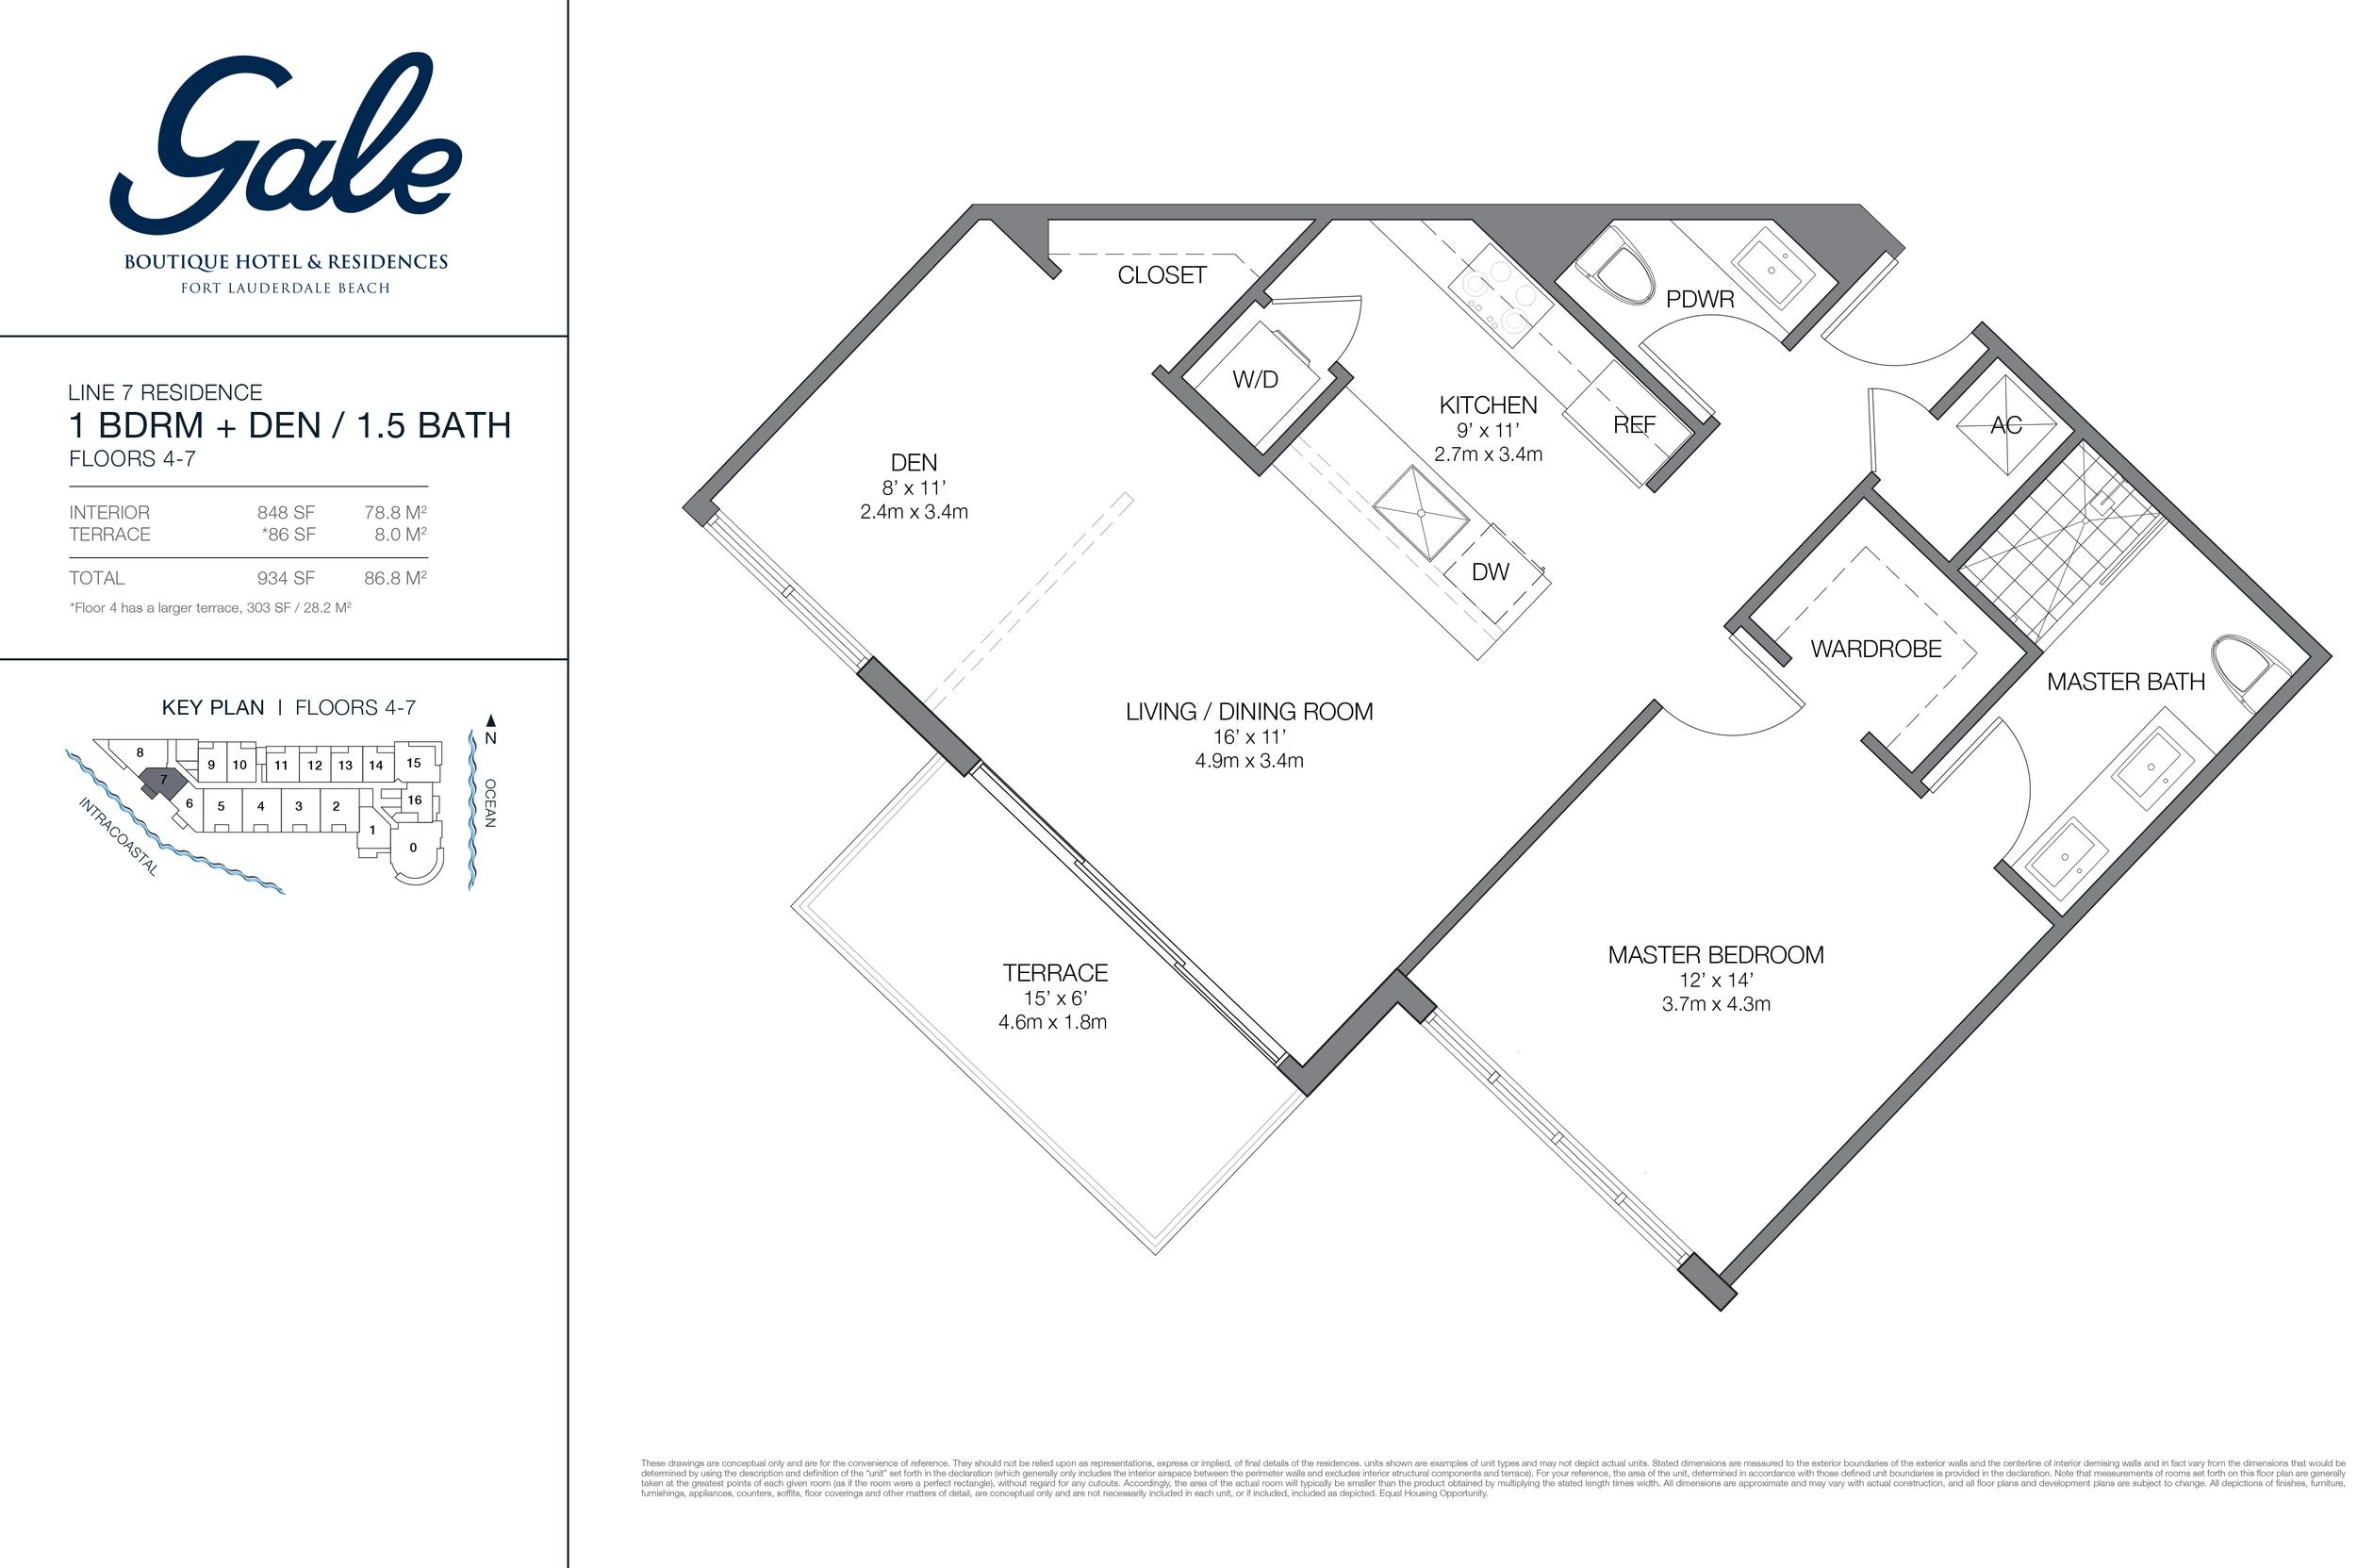 Gale Ft.Lauderdale Floor Plan Line 7